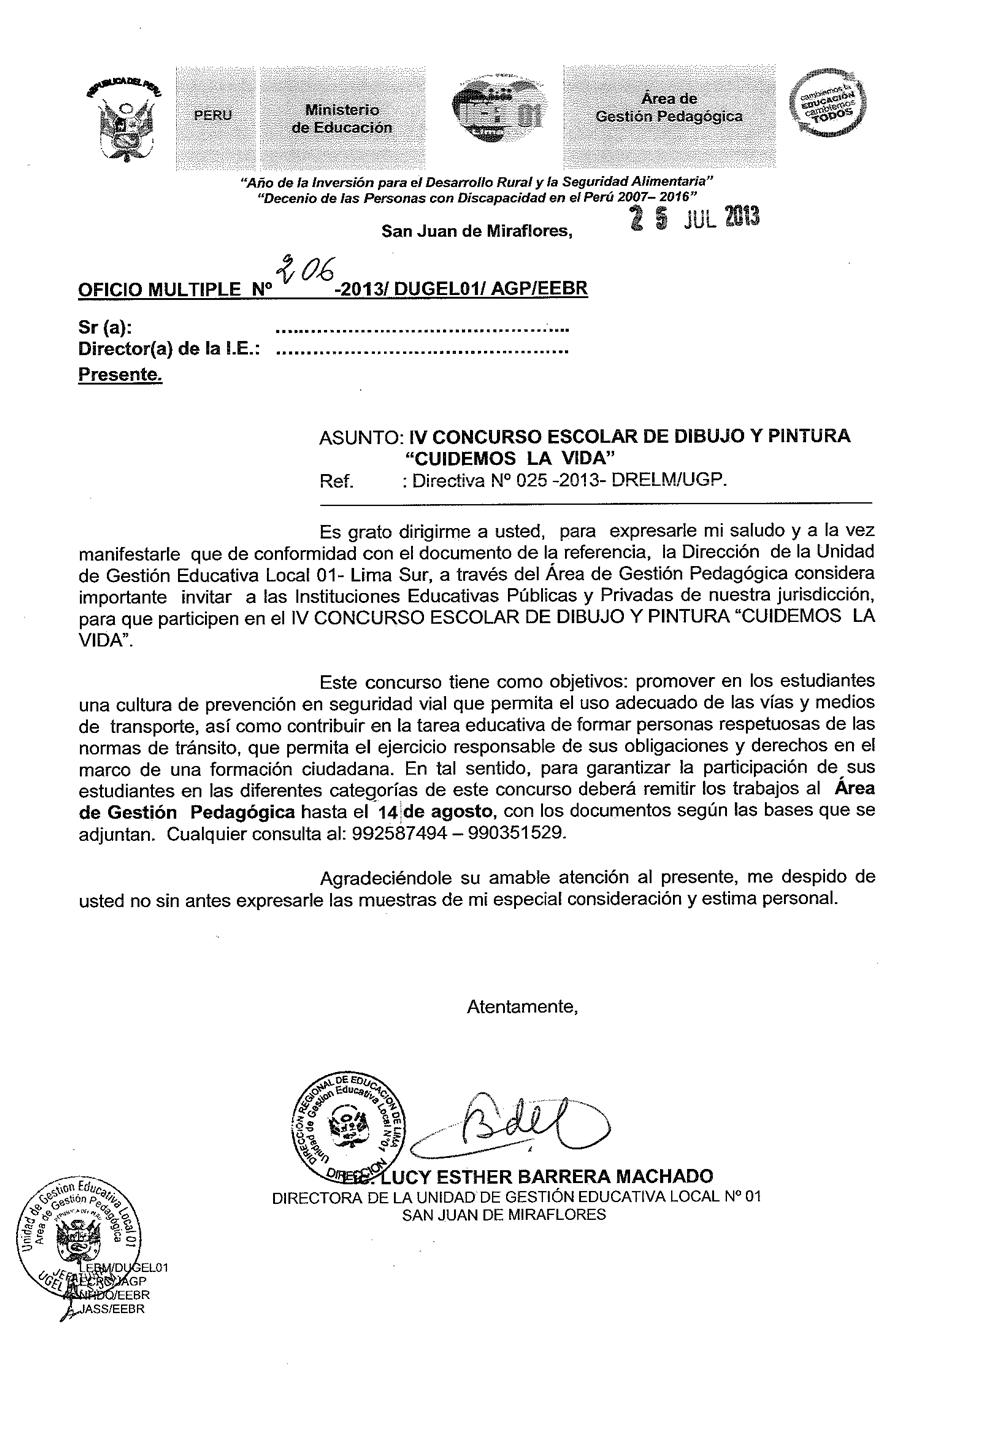 """PARTICIPE EN EL IV CONCURSO DE DIBUJO Y PINTURA """"CUIDEMOS LA VIDA"""""""